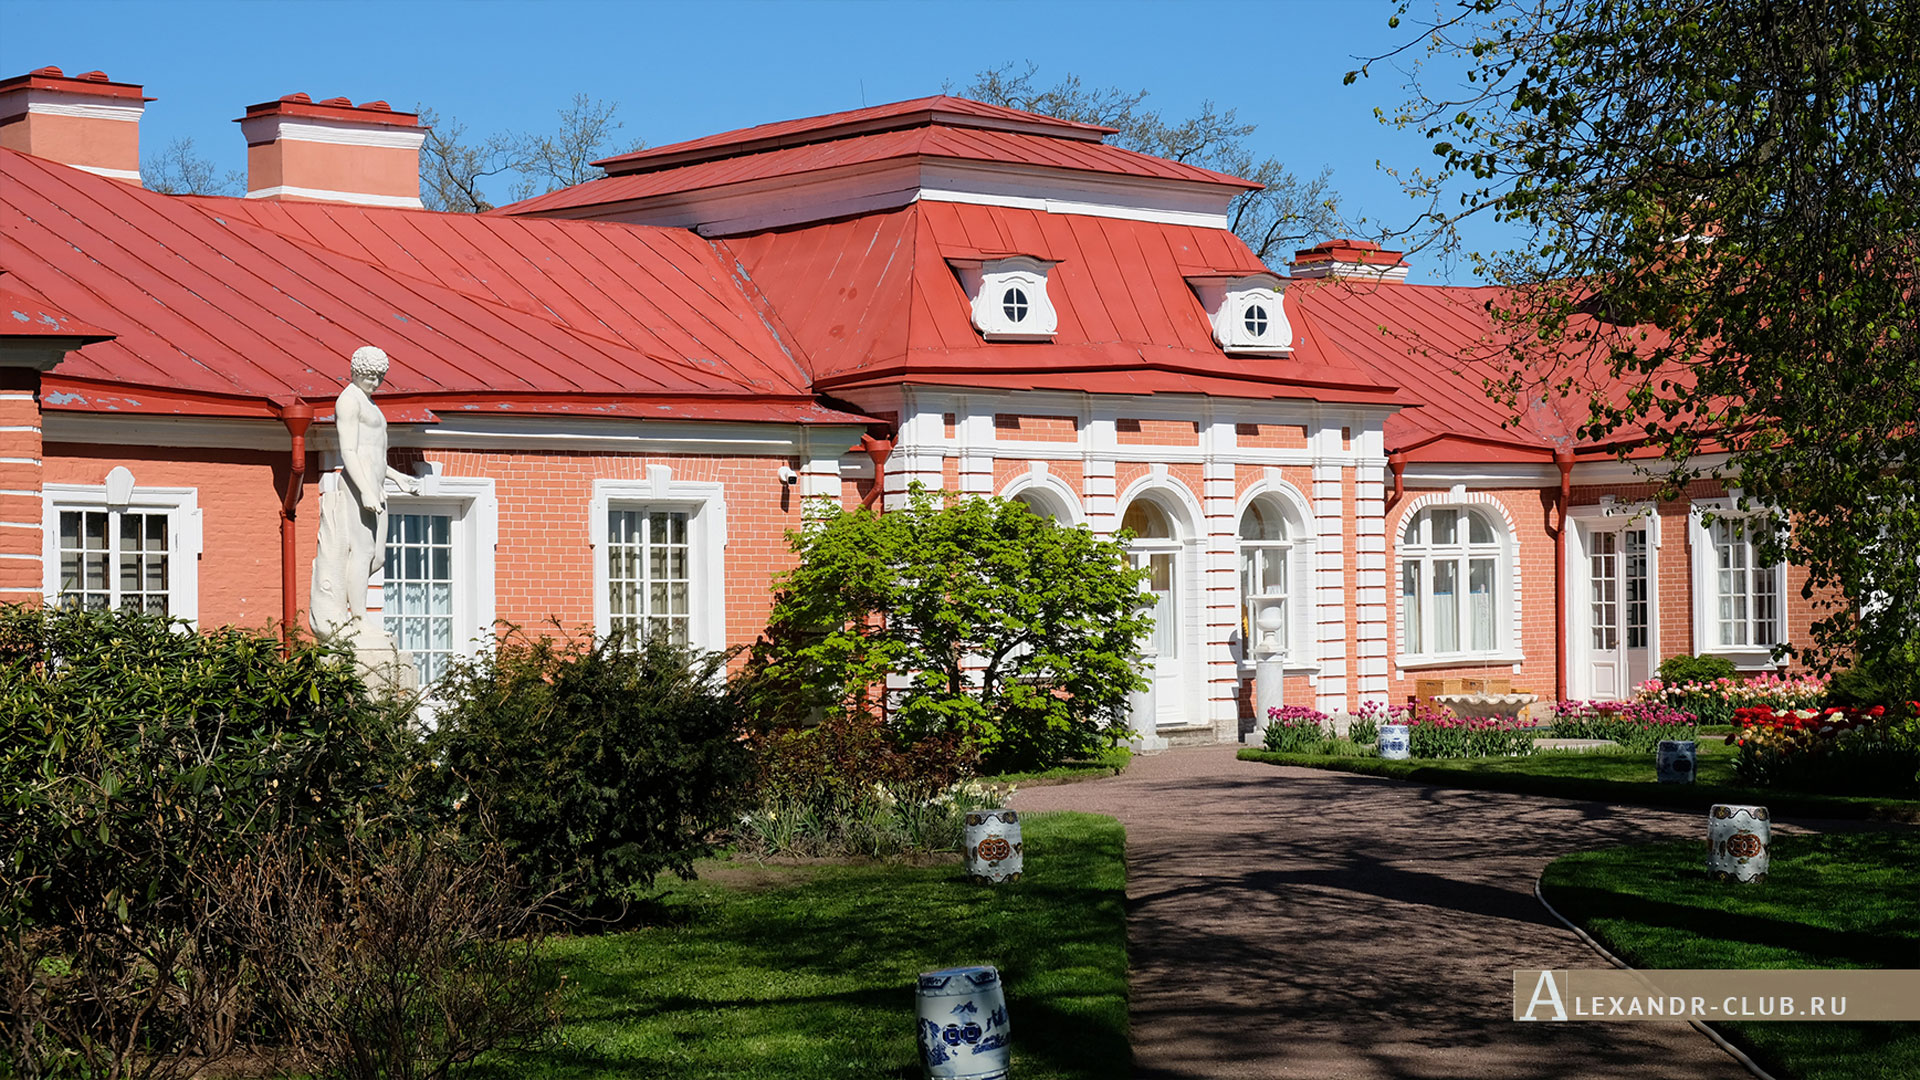 Петергоф, весна, Нижний парк, дворец «Монплезир», Банный корпус, Китайский садик